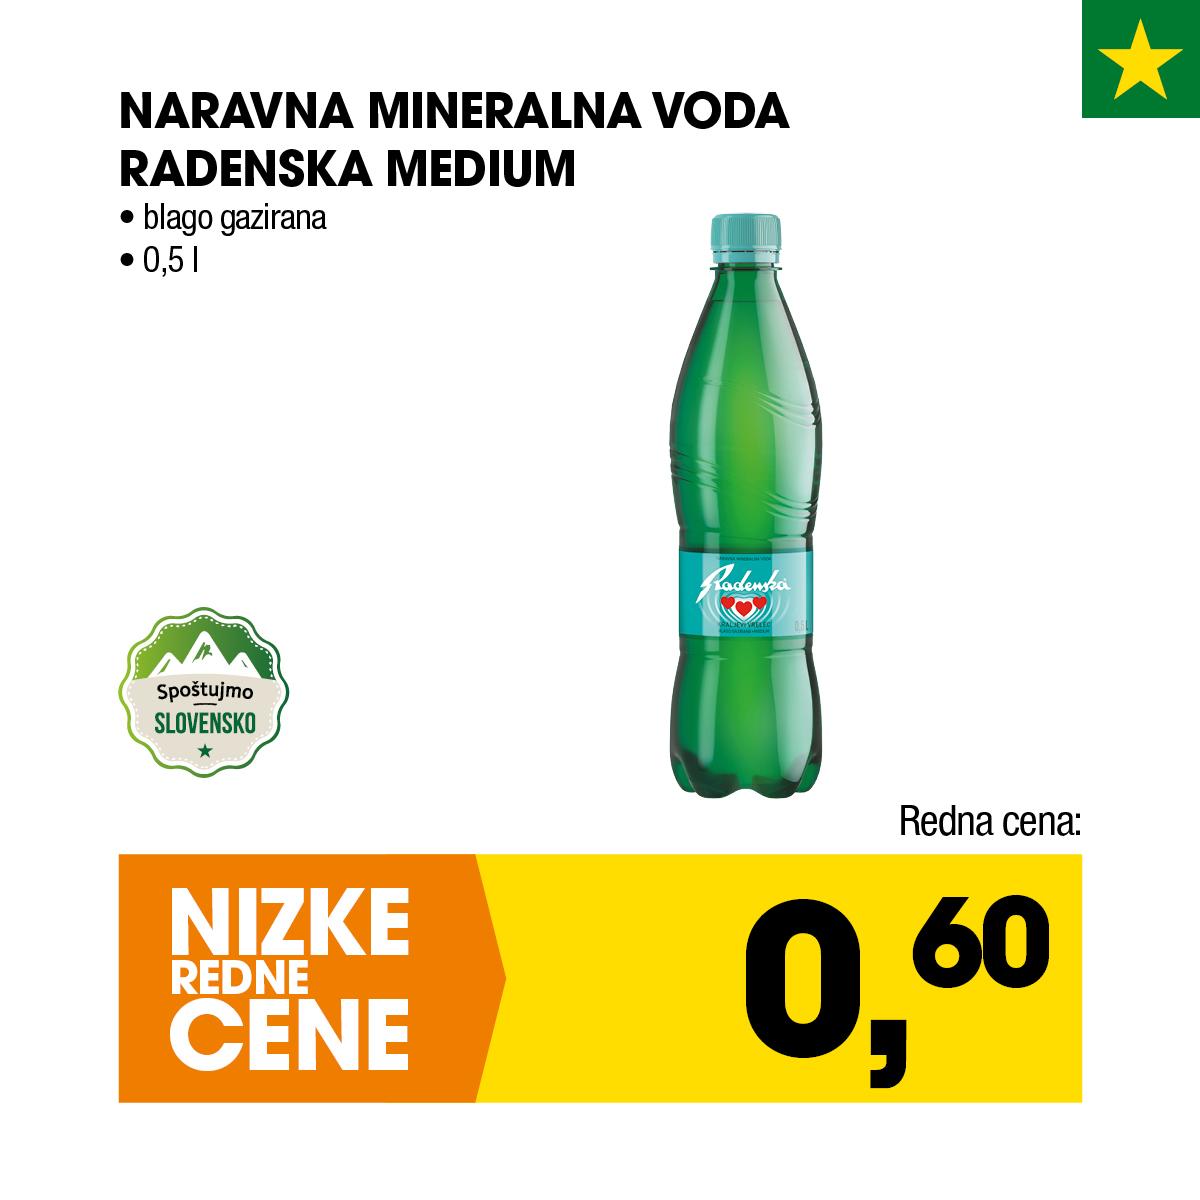 Nizke cene - Naravna mineralna voda Radenska medium